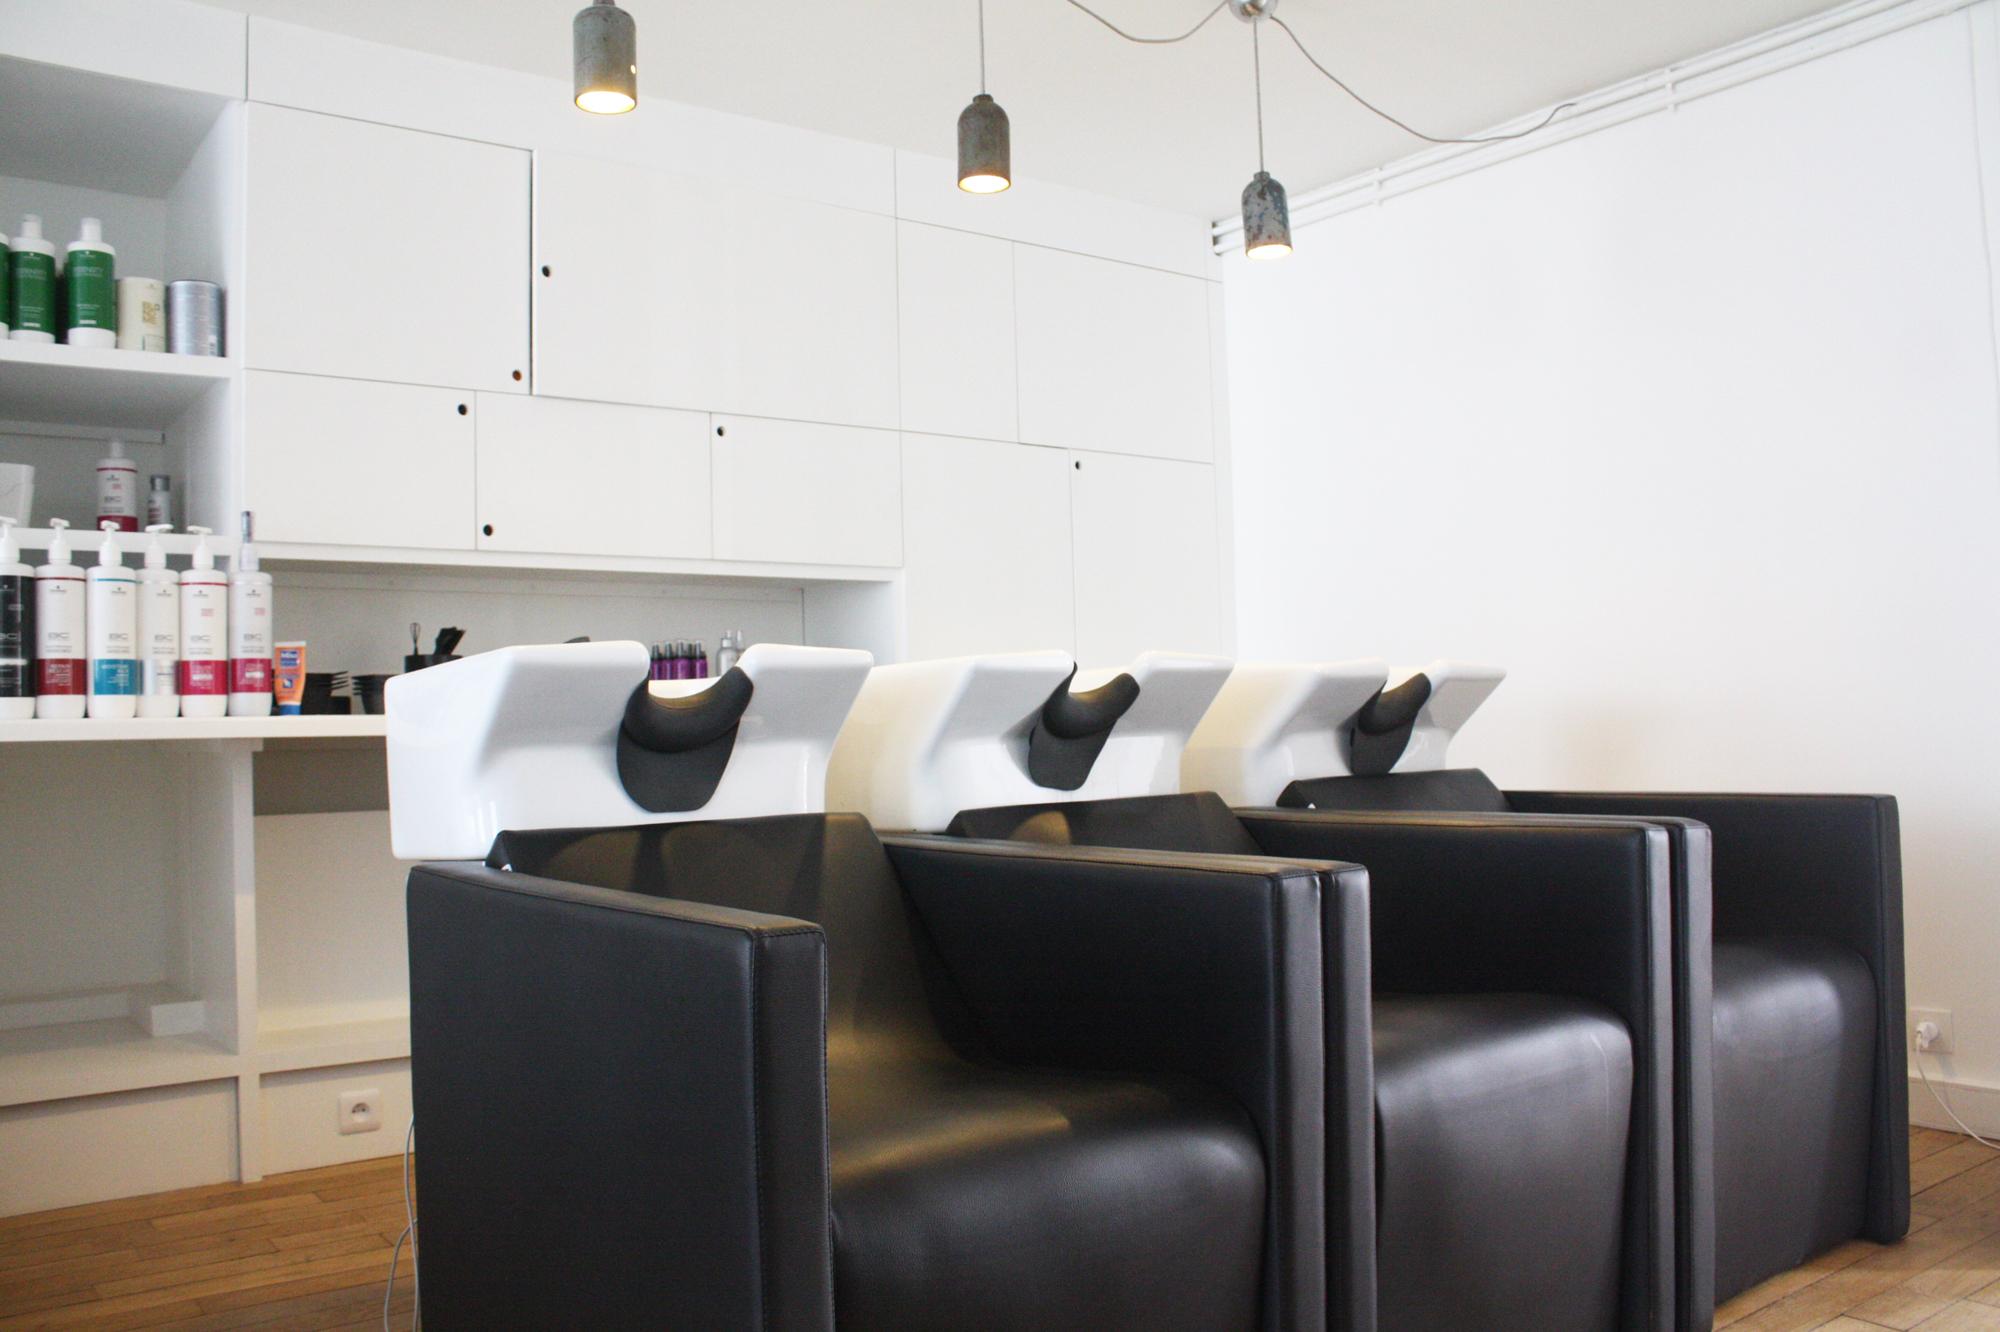 Ismerie, le salon de coiffure sélectionné par Les Nanas d'Paname.